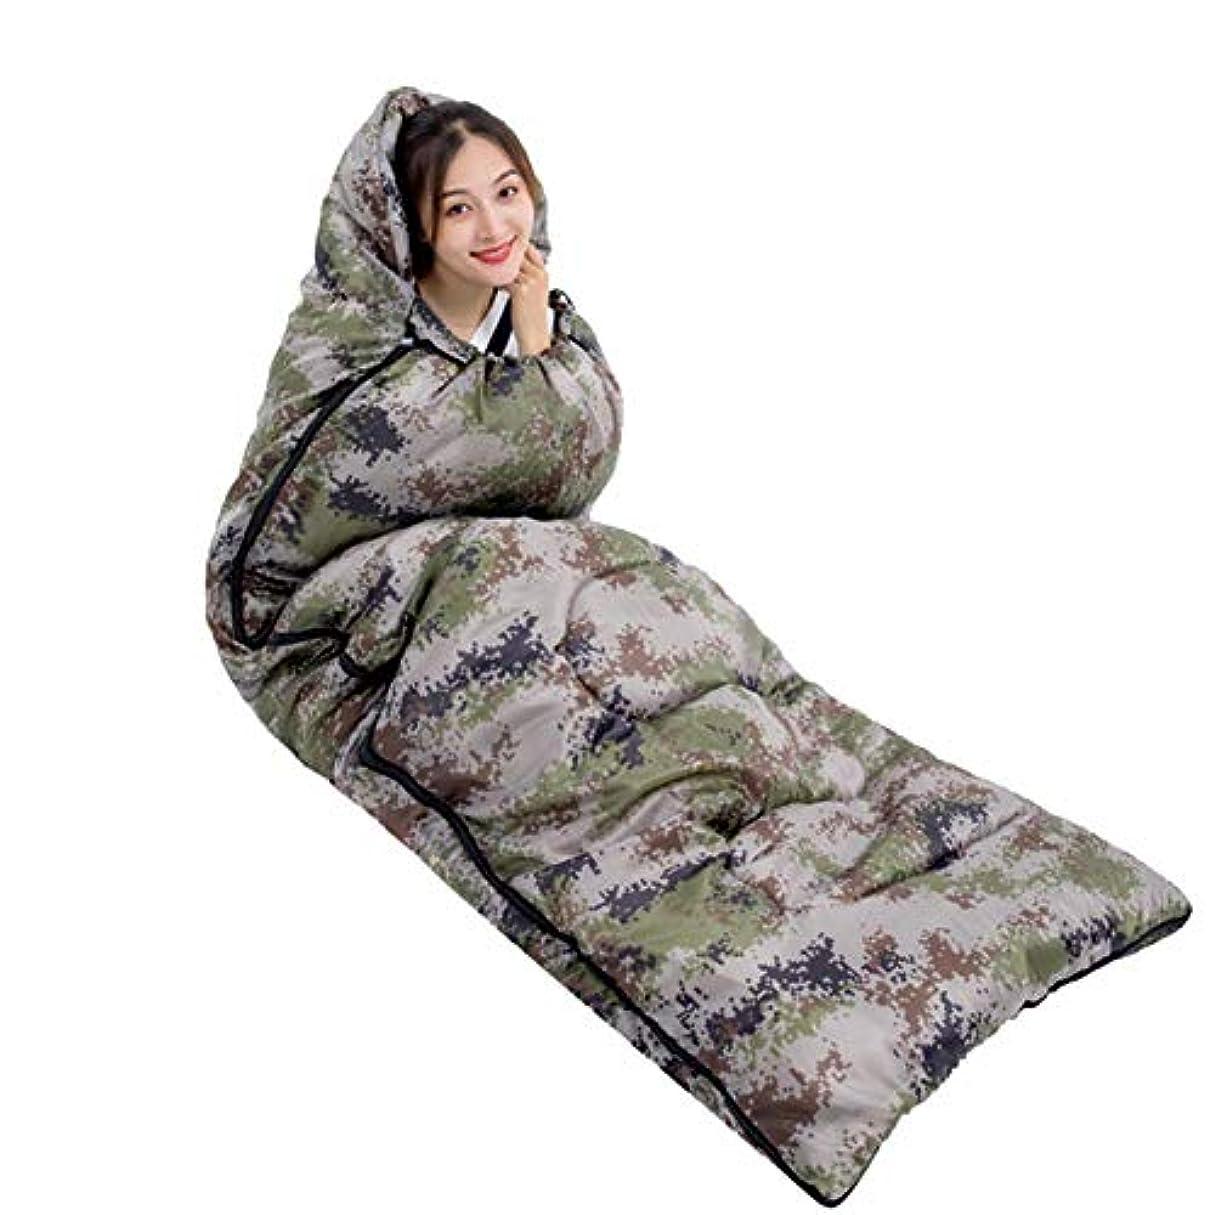 怖い便宜満足させる寝袋 封筒,断熱材 迷彩 圧縮袋 大人 超軽量 パッドを睡眠 春 秋 キャンプ ハイキング 屋外活動-A 220x75cm(87x30inch)